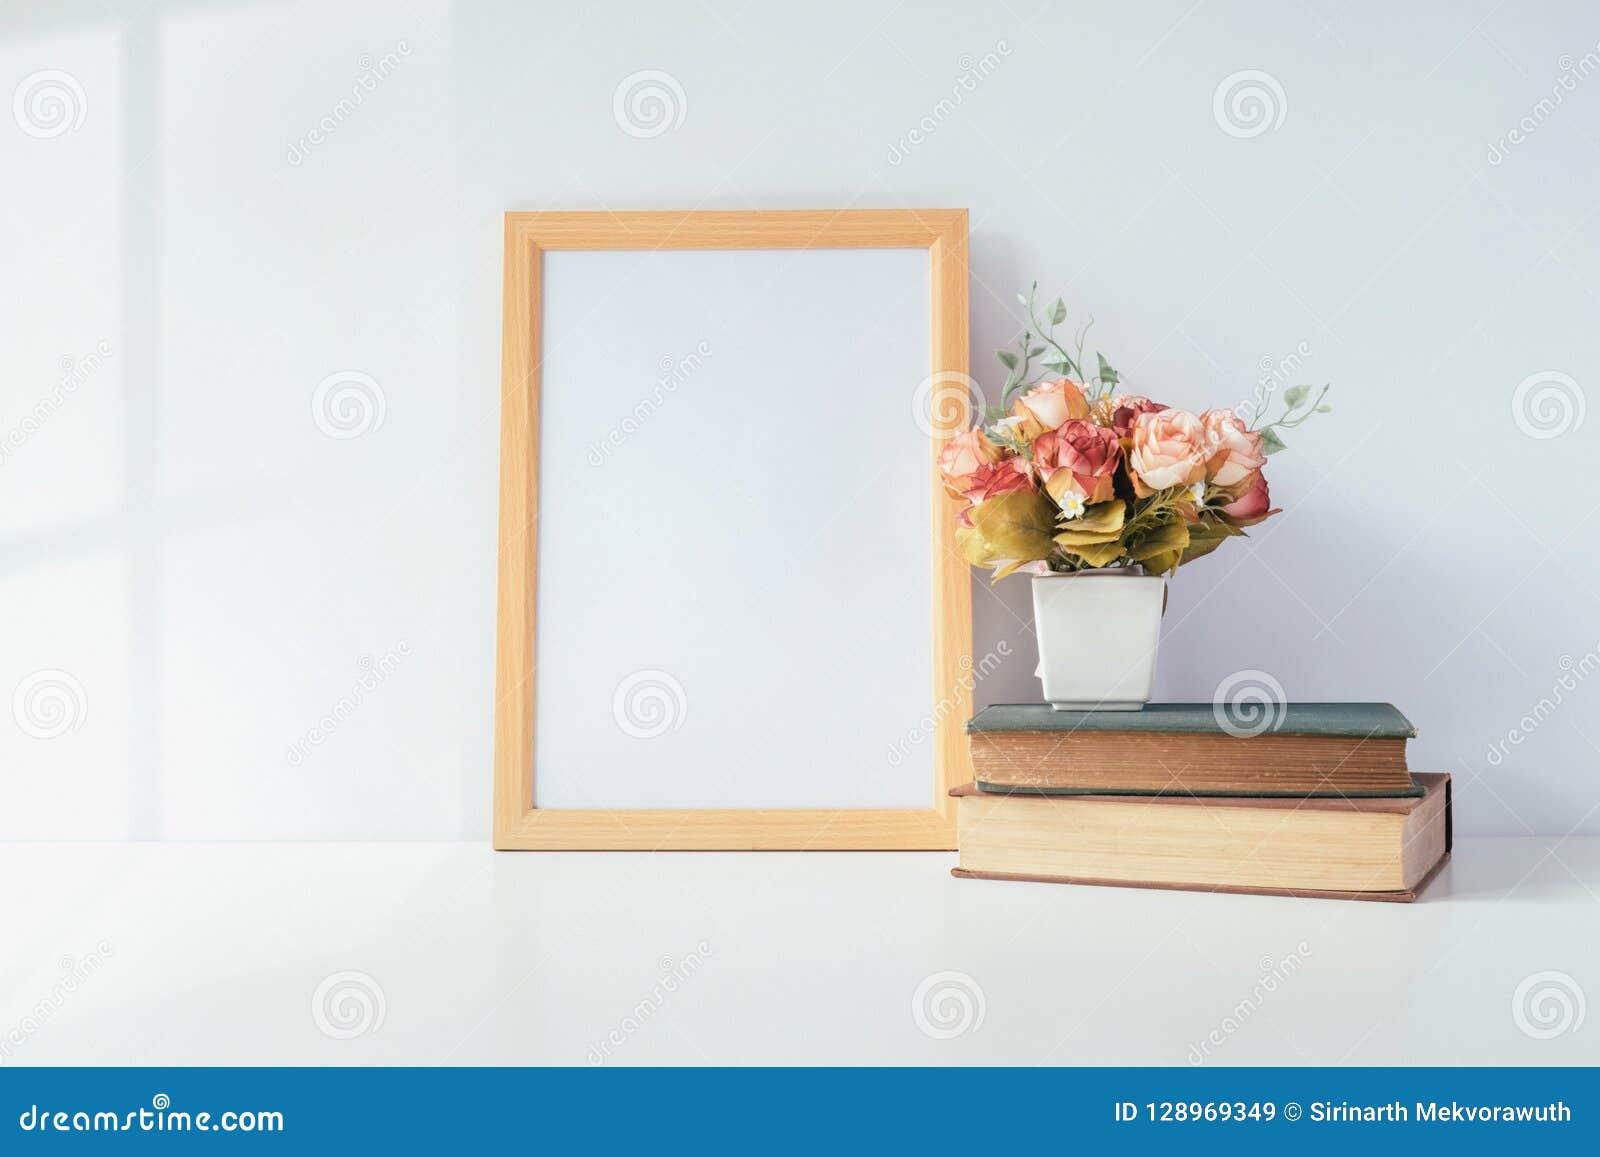 Egzamin próbny w górę portret fotografii ramy z zieloną rośliną na stole, domowy Dec